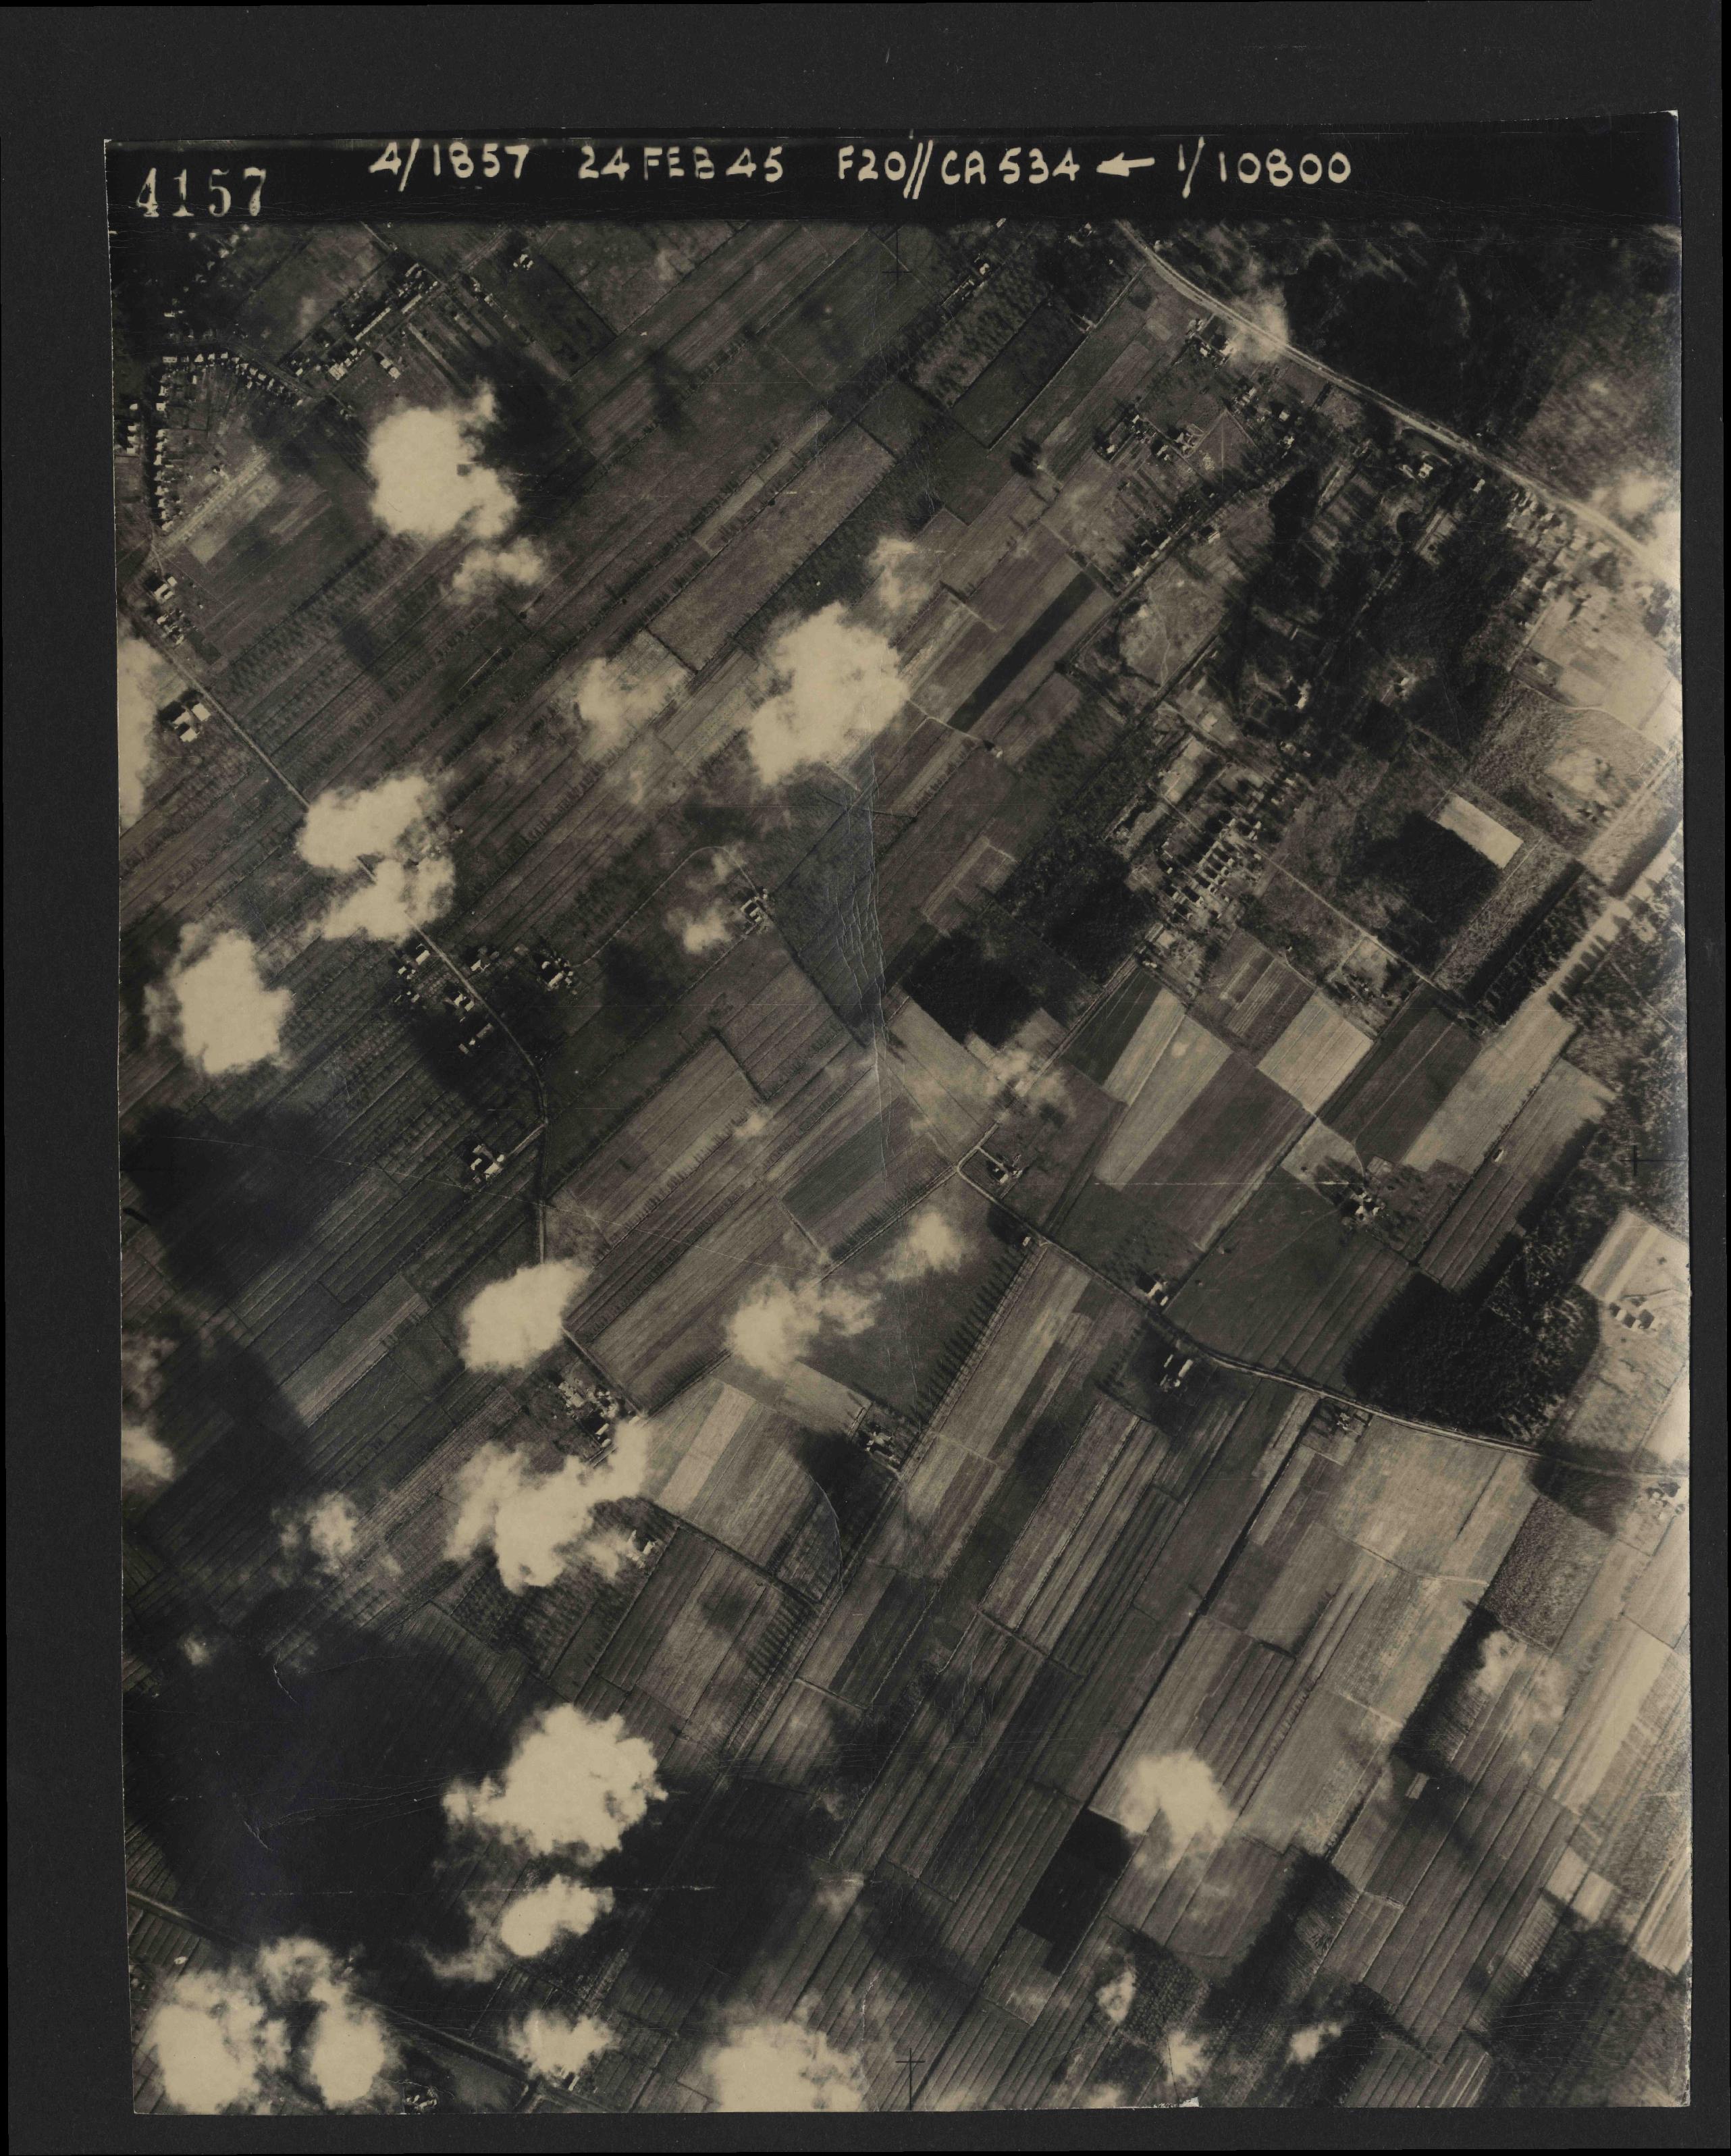 Collection RAF aerial photos 1940-1945 - flight 073, run 01, photo 4157